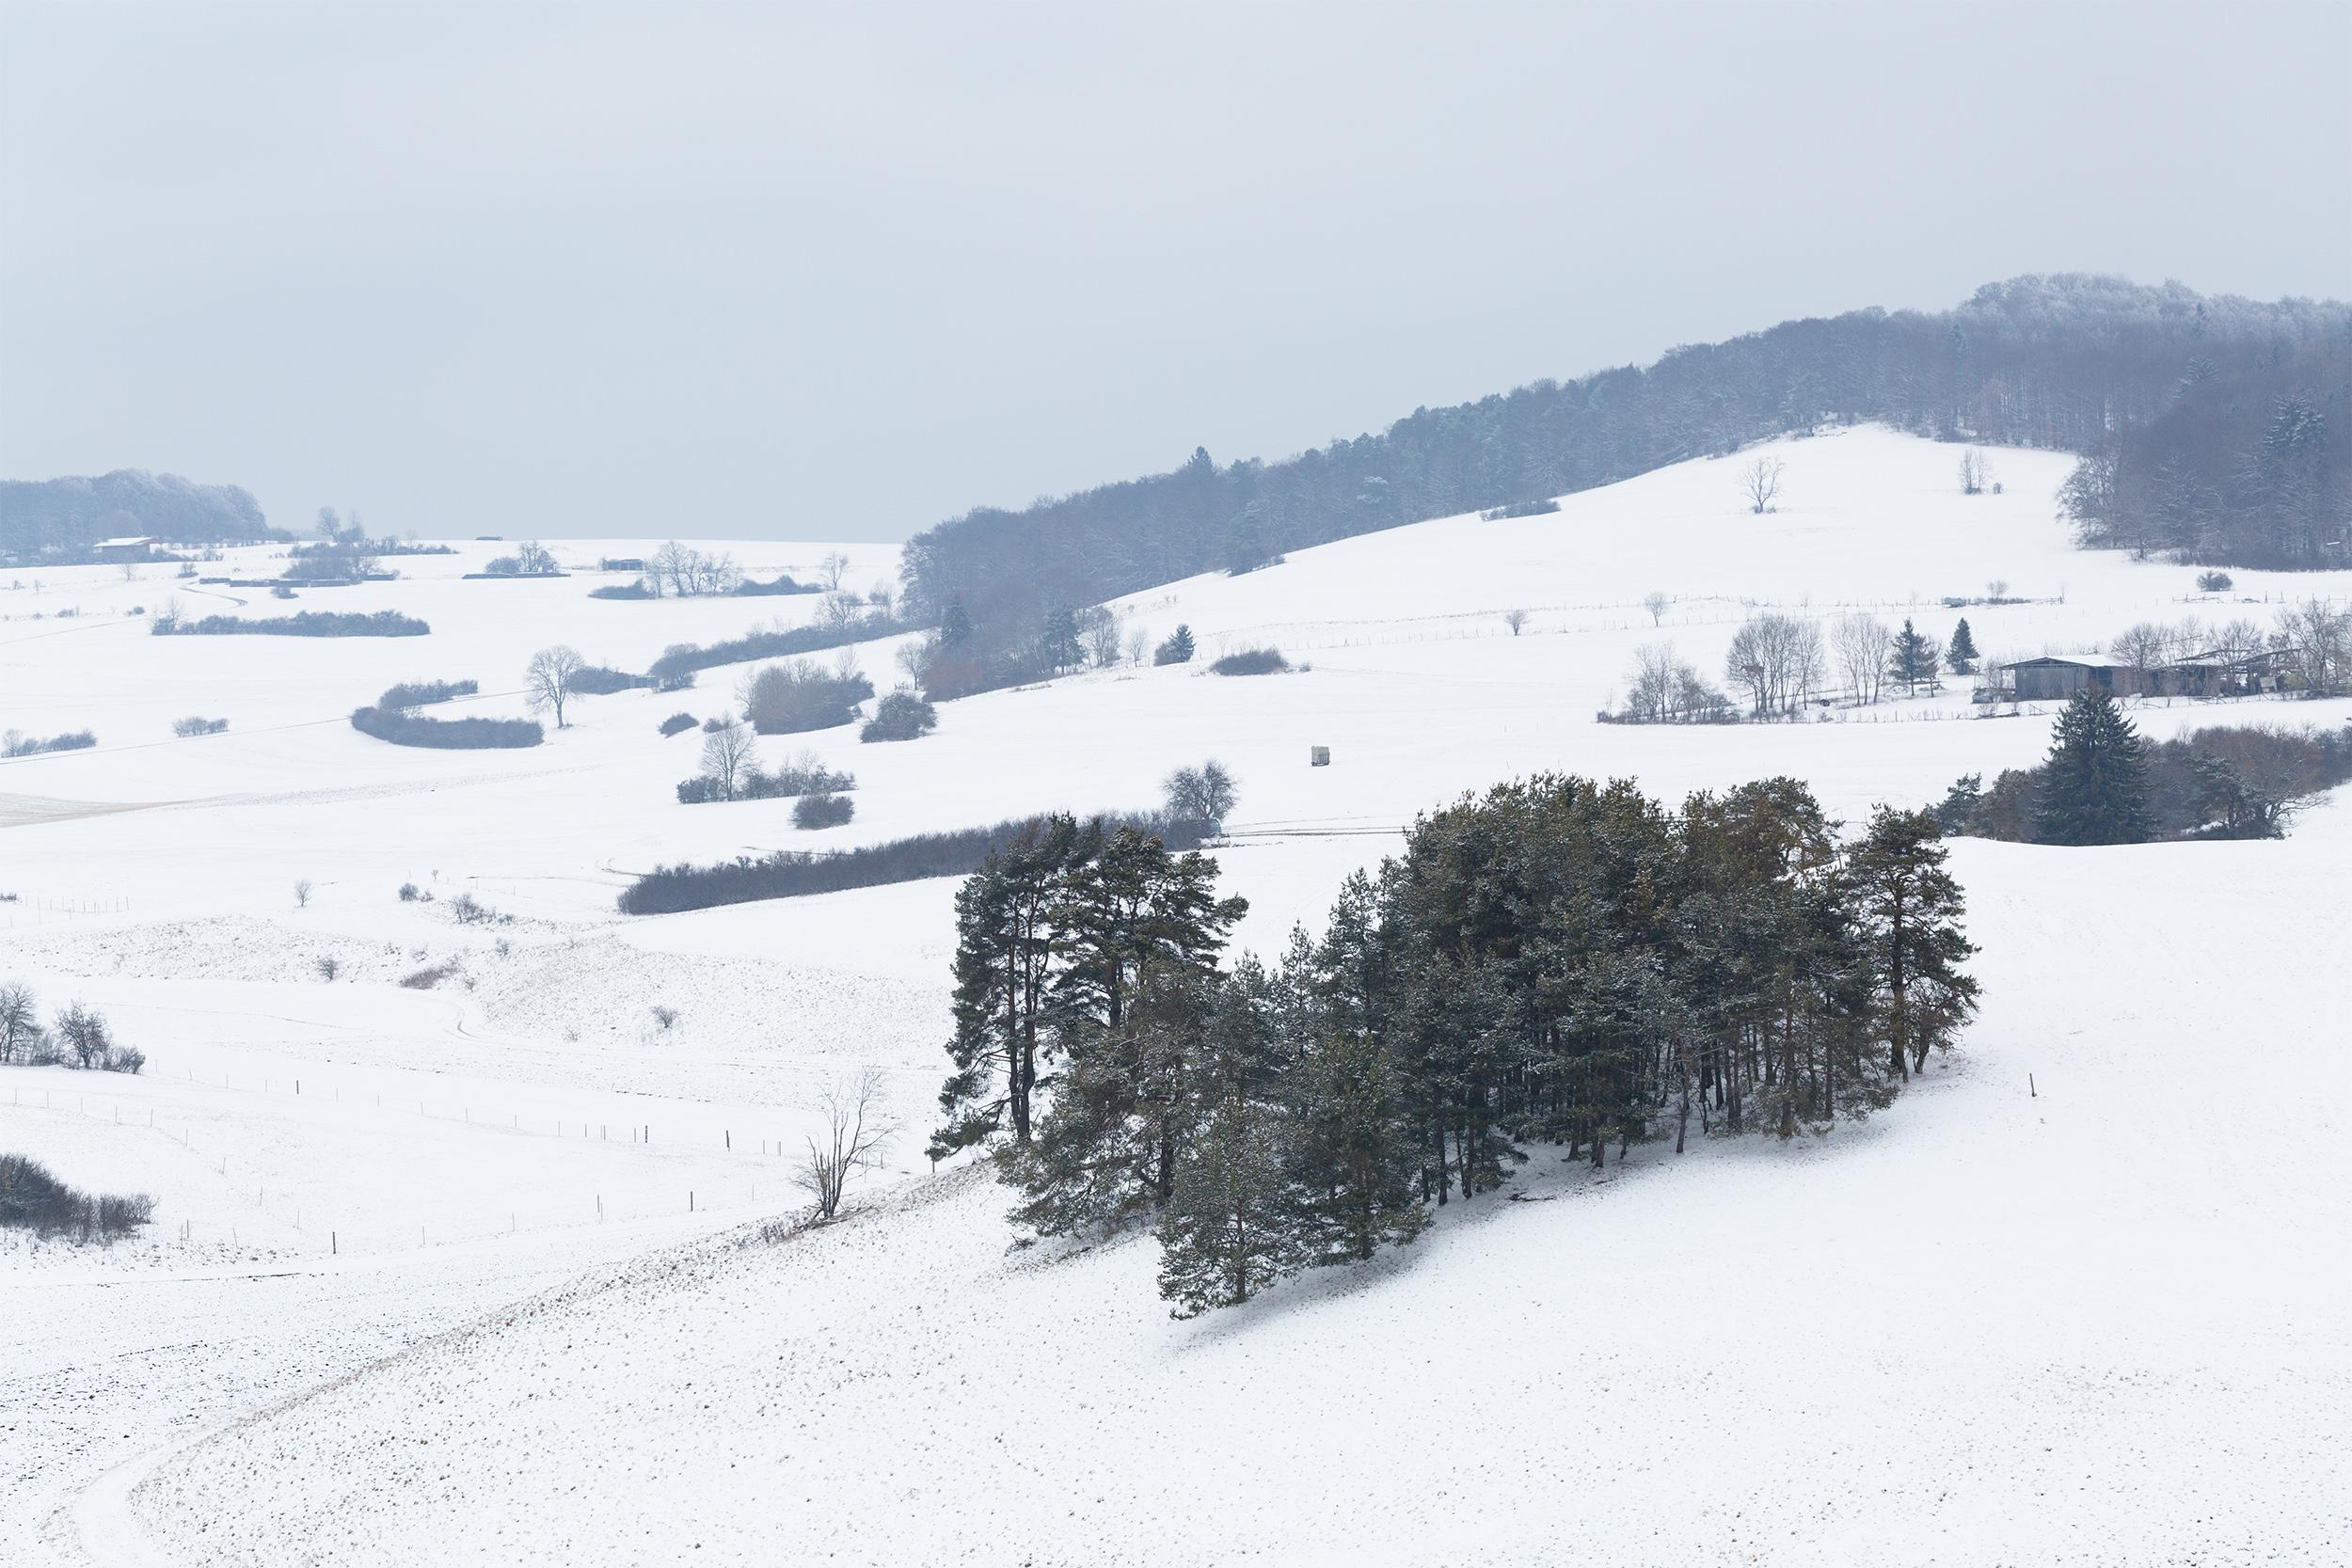 Verschneite Wiesen und Wälder auf der Alb.